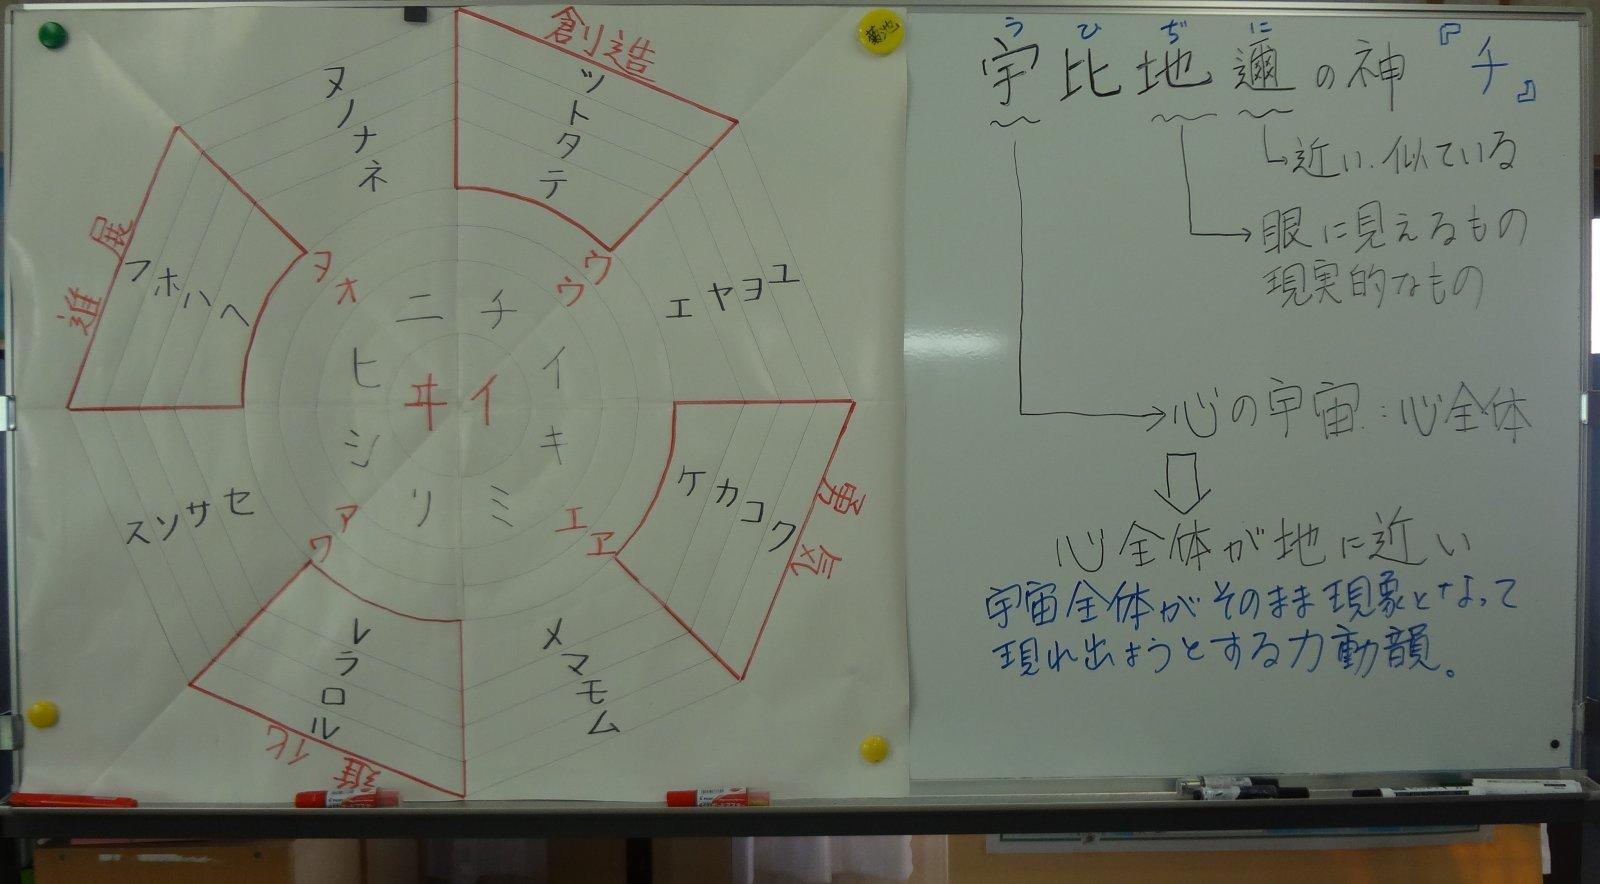 http://www.g-labo.co.jp/document/15th_board.JPG